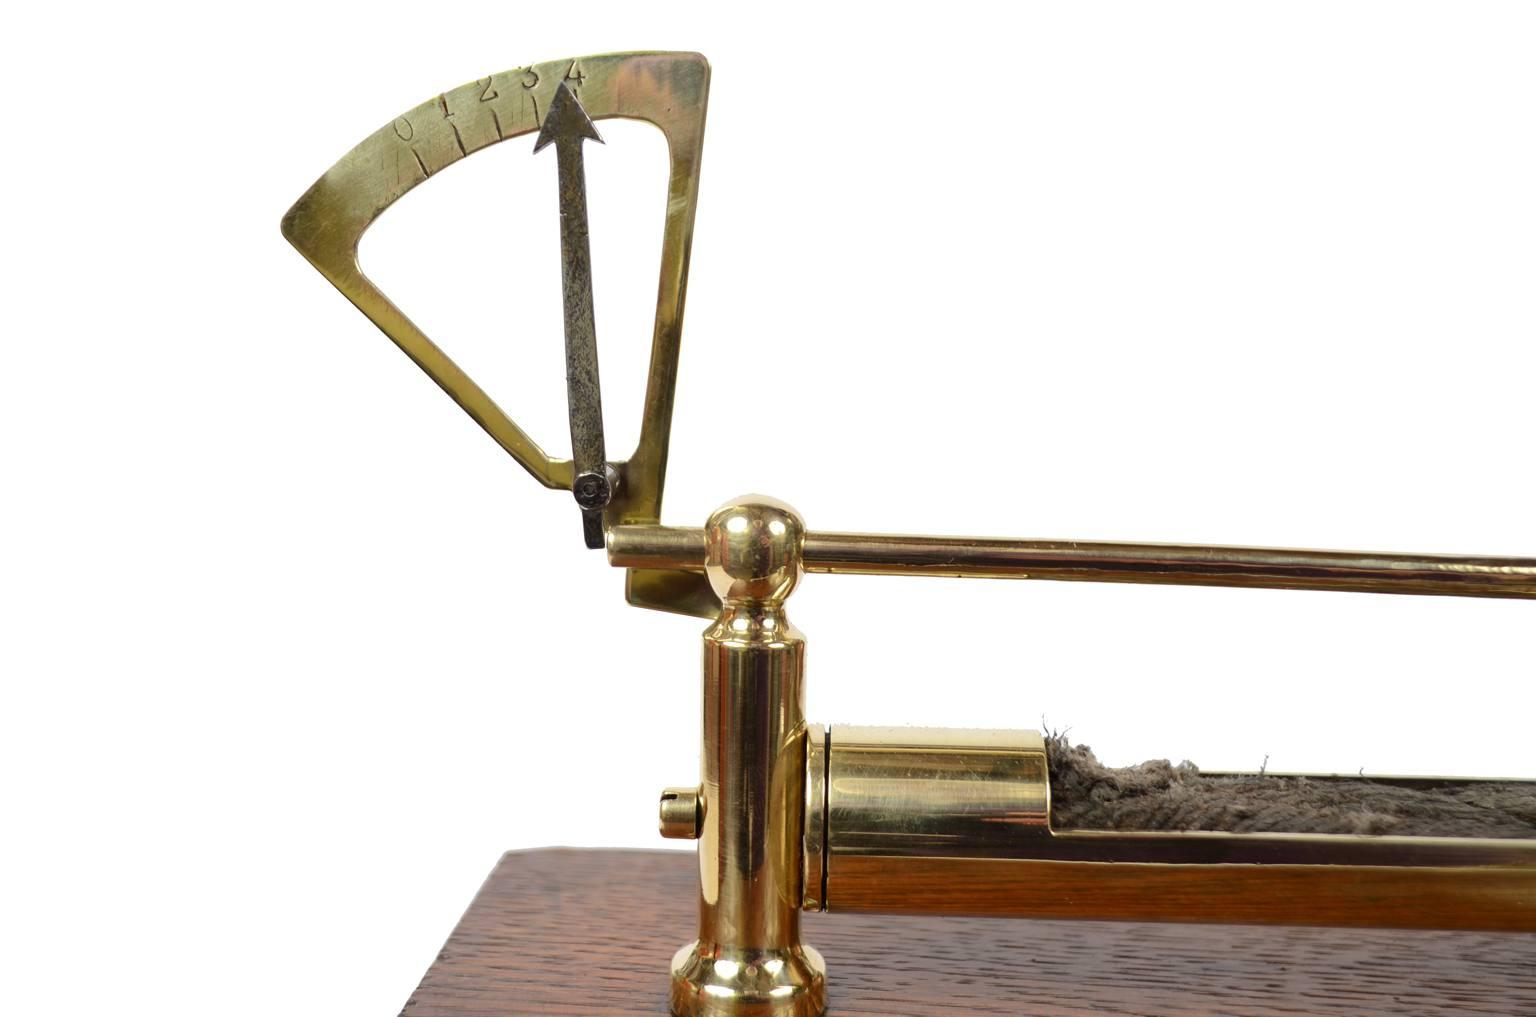 Strumenti di misura antichi/61057-Dilatazione metalli